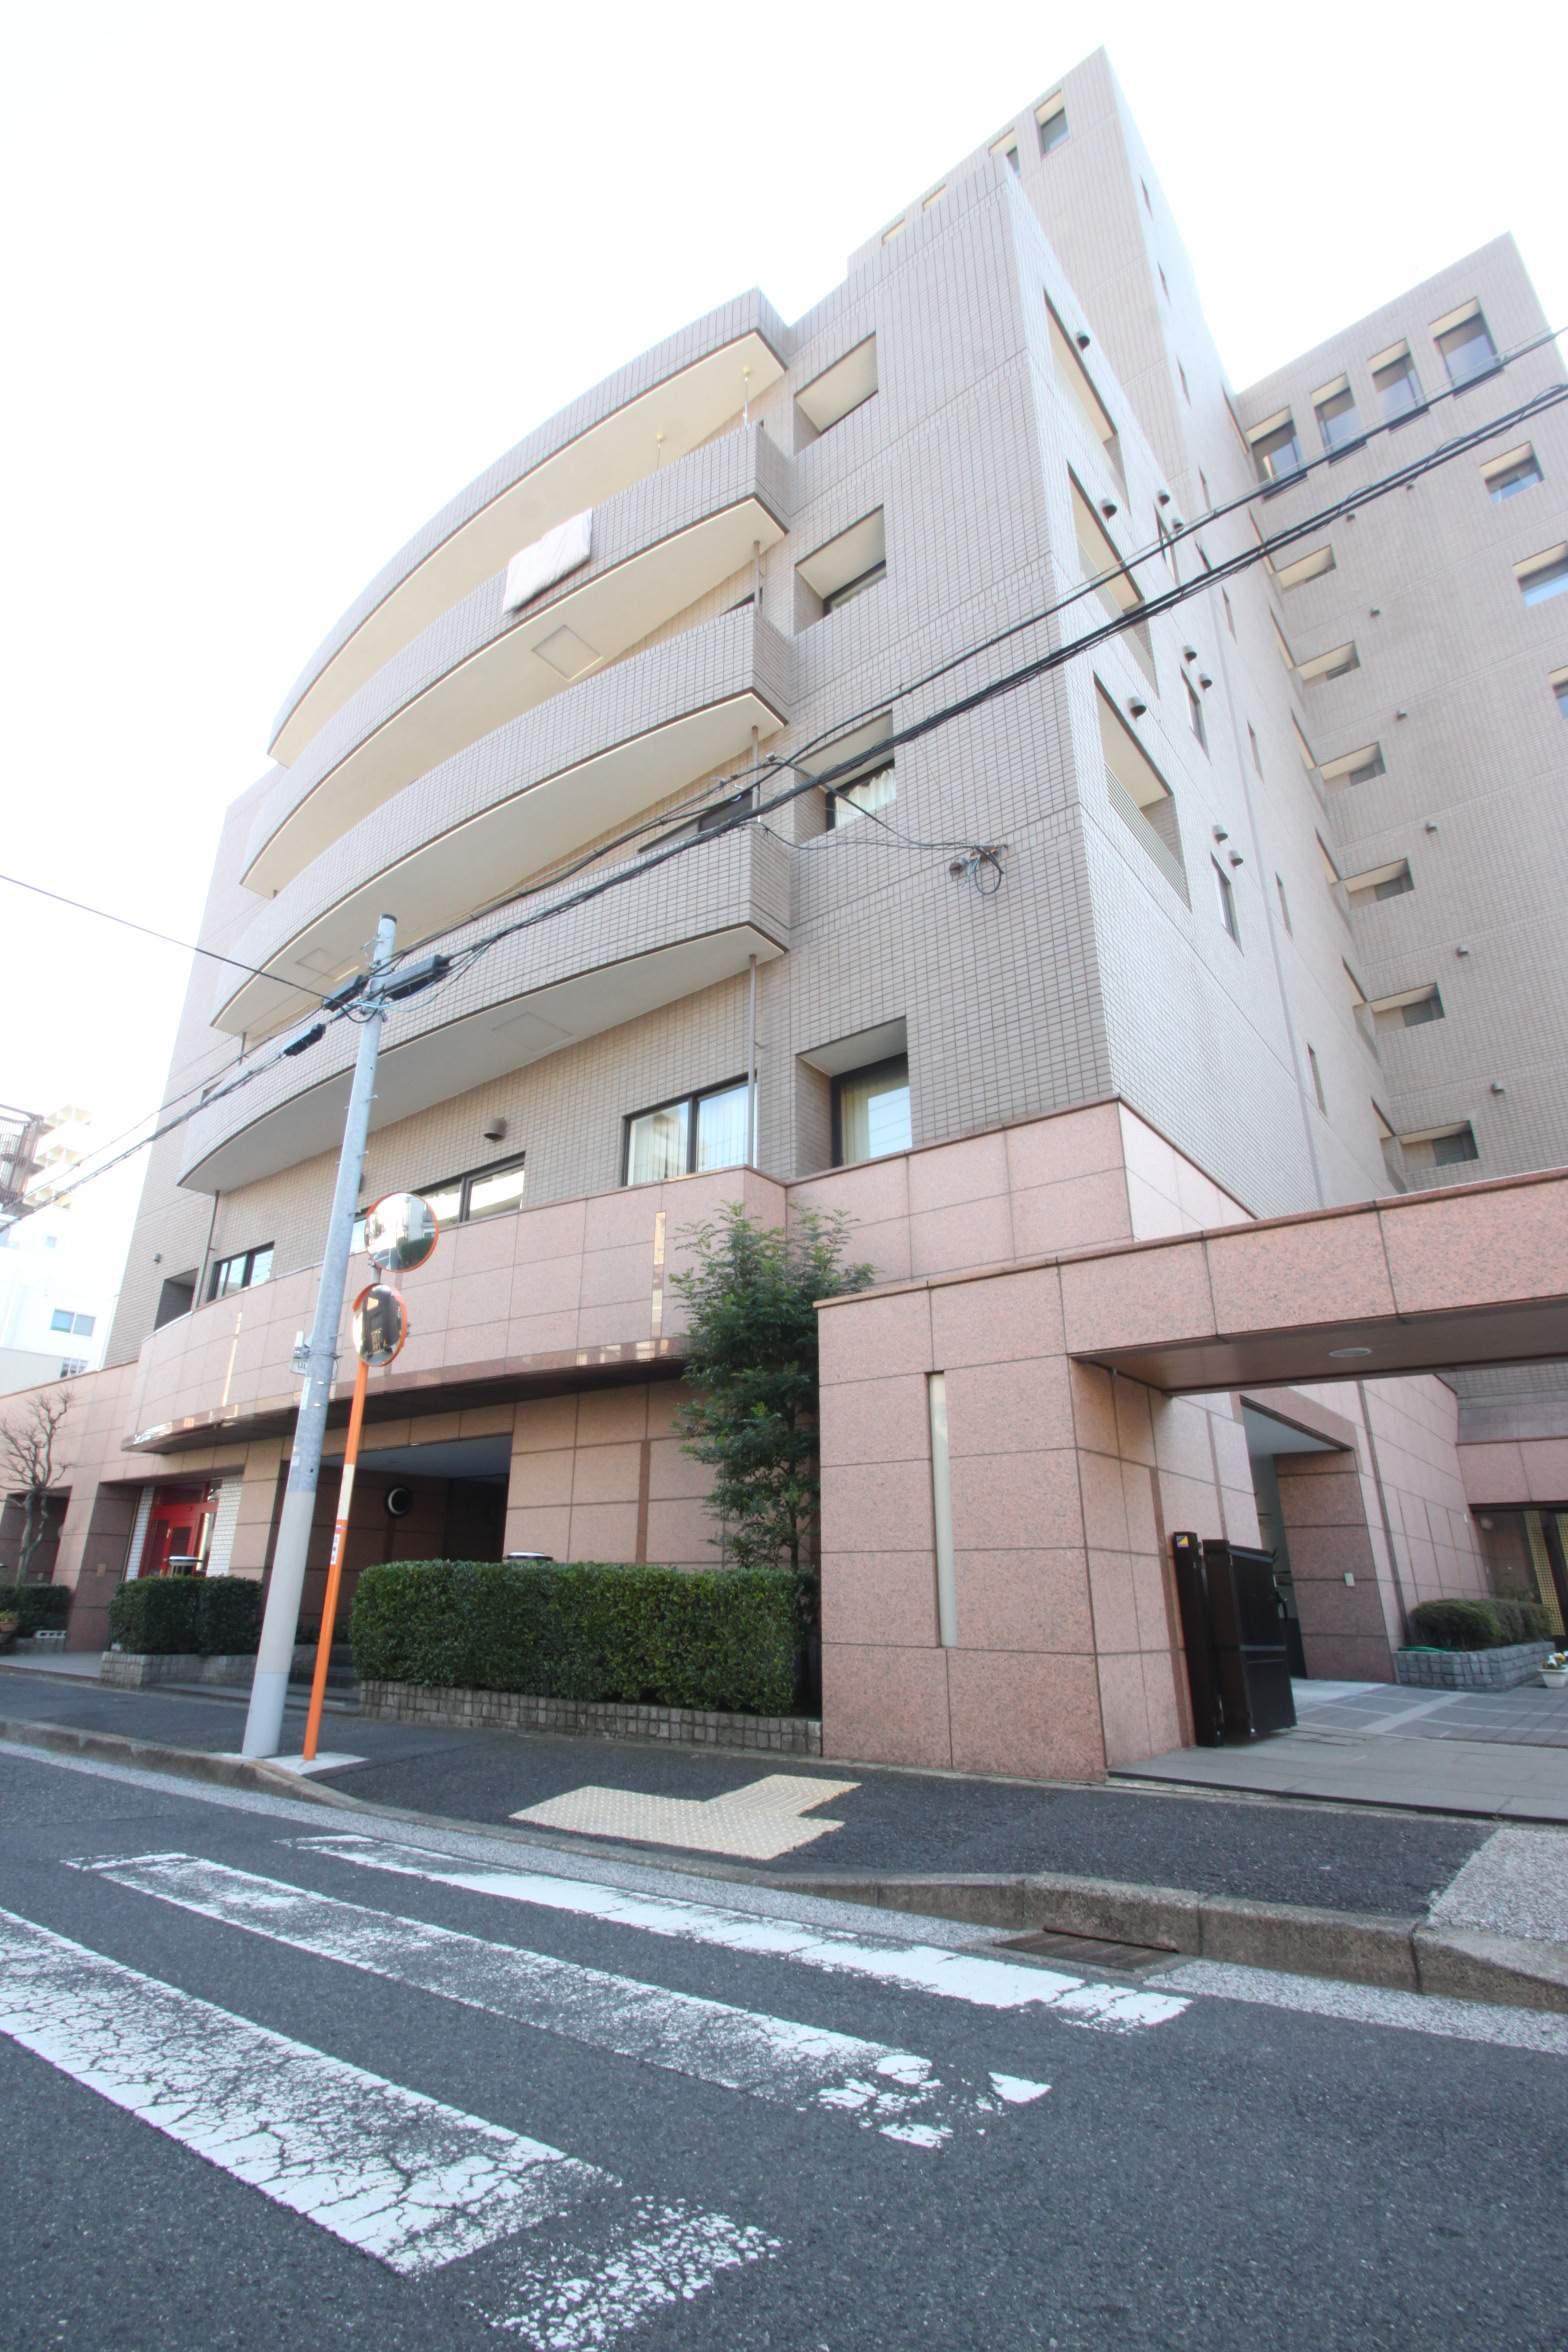 東京都江東区、門前仲町駅徒歩16分の築29年 9階建の賃貸マンション